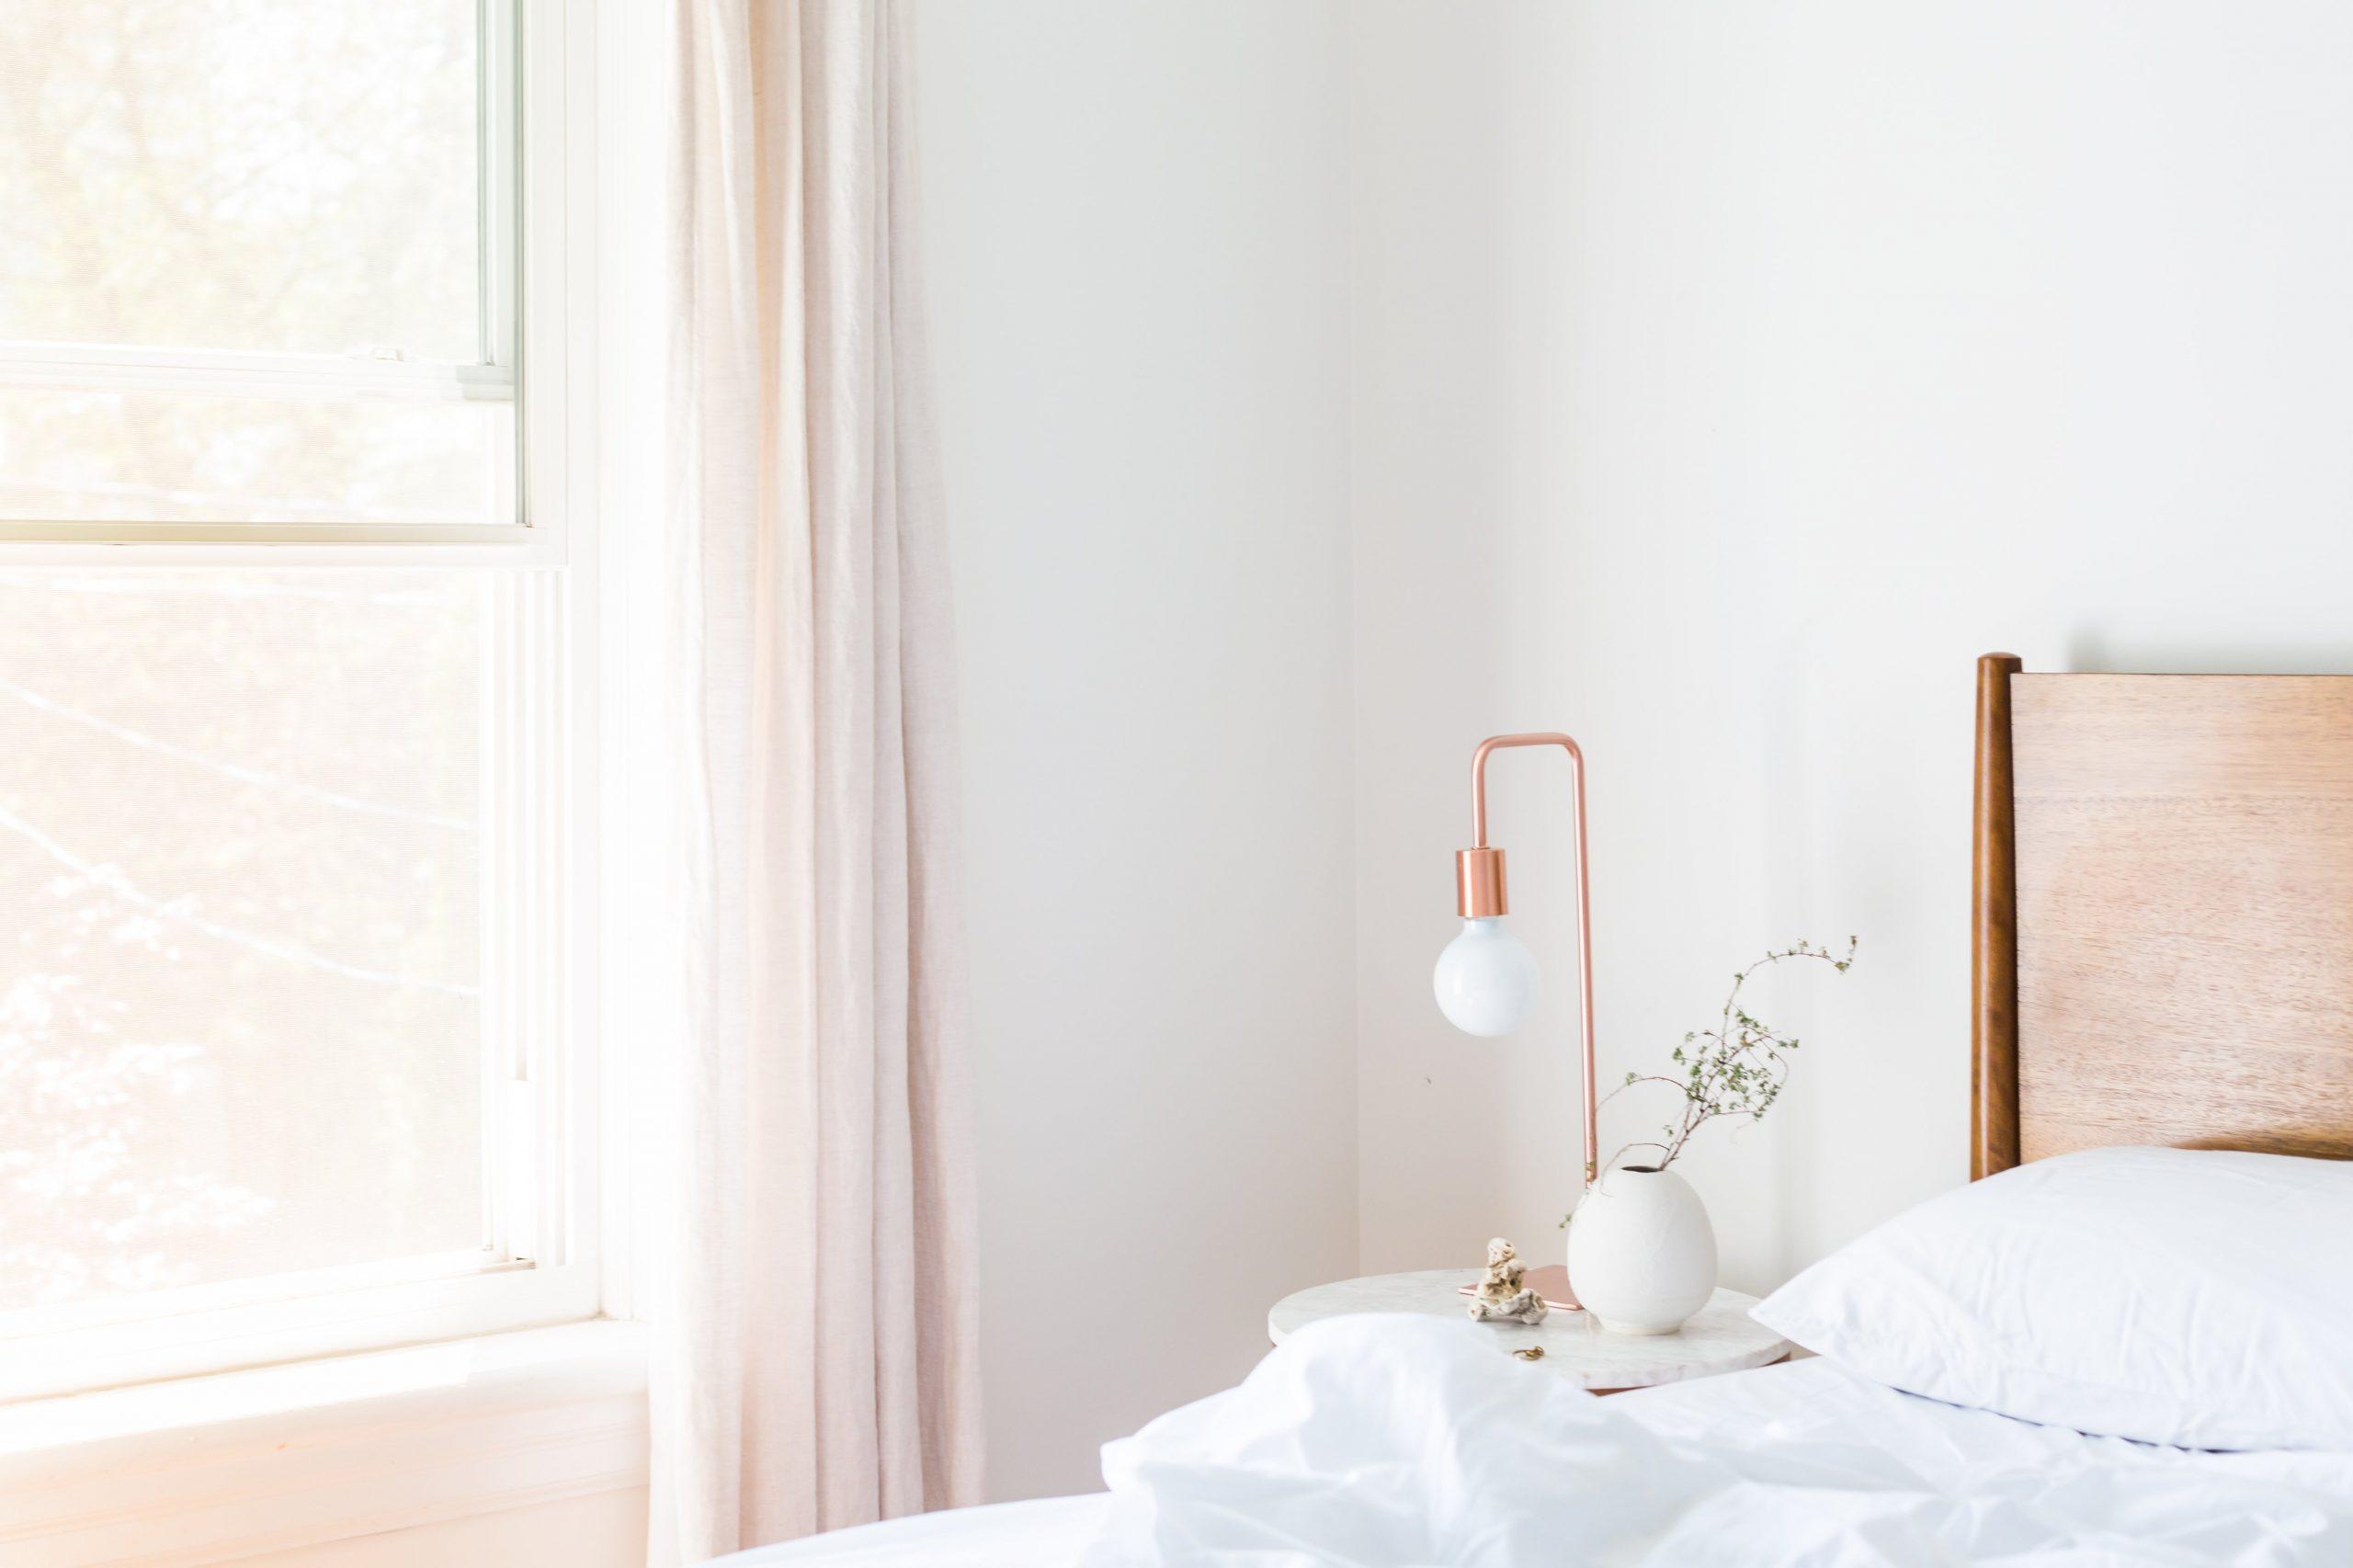 light shining in bedroom window